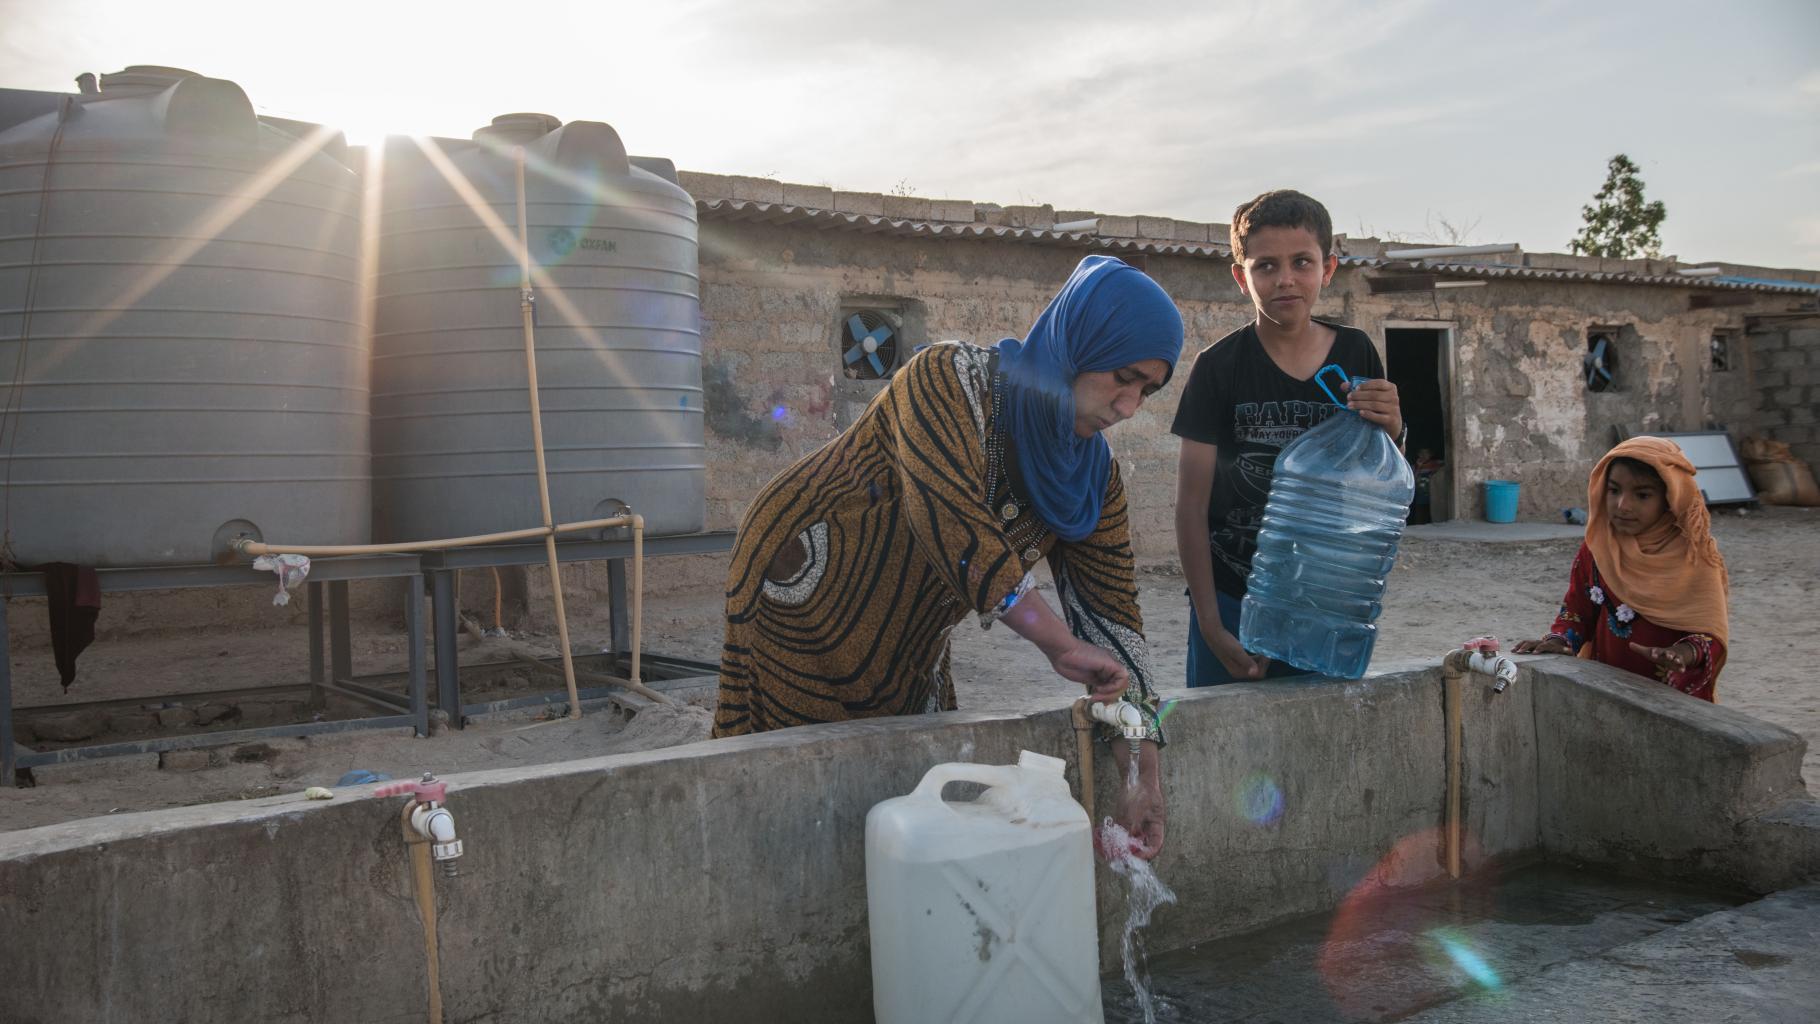 Eine Frau mit zwei Jungen füllt Wasserkanister an einem Wasserhahn auf. Im Hintergrund sind zwei Wassertanks und ein altes verlassenes Hauss zu sehen.